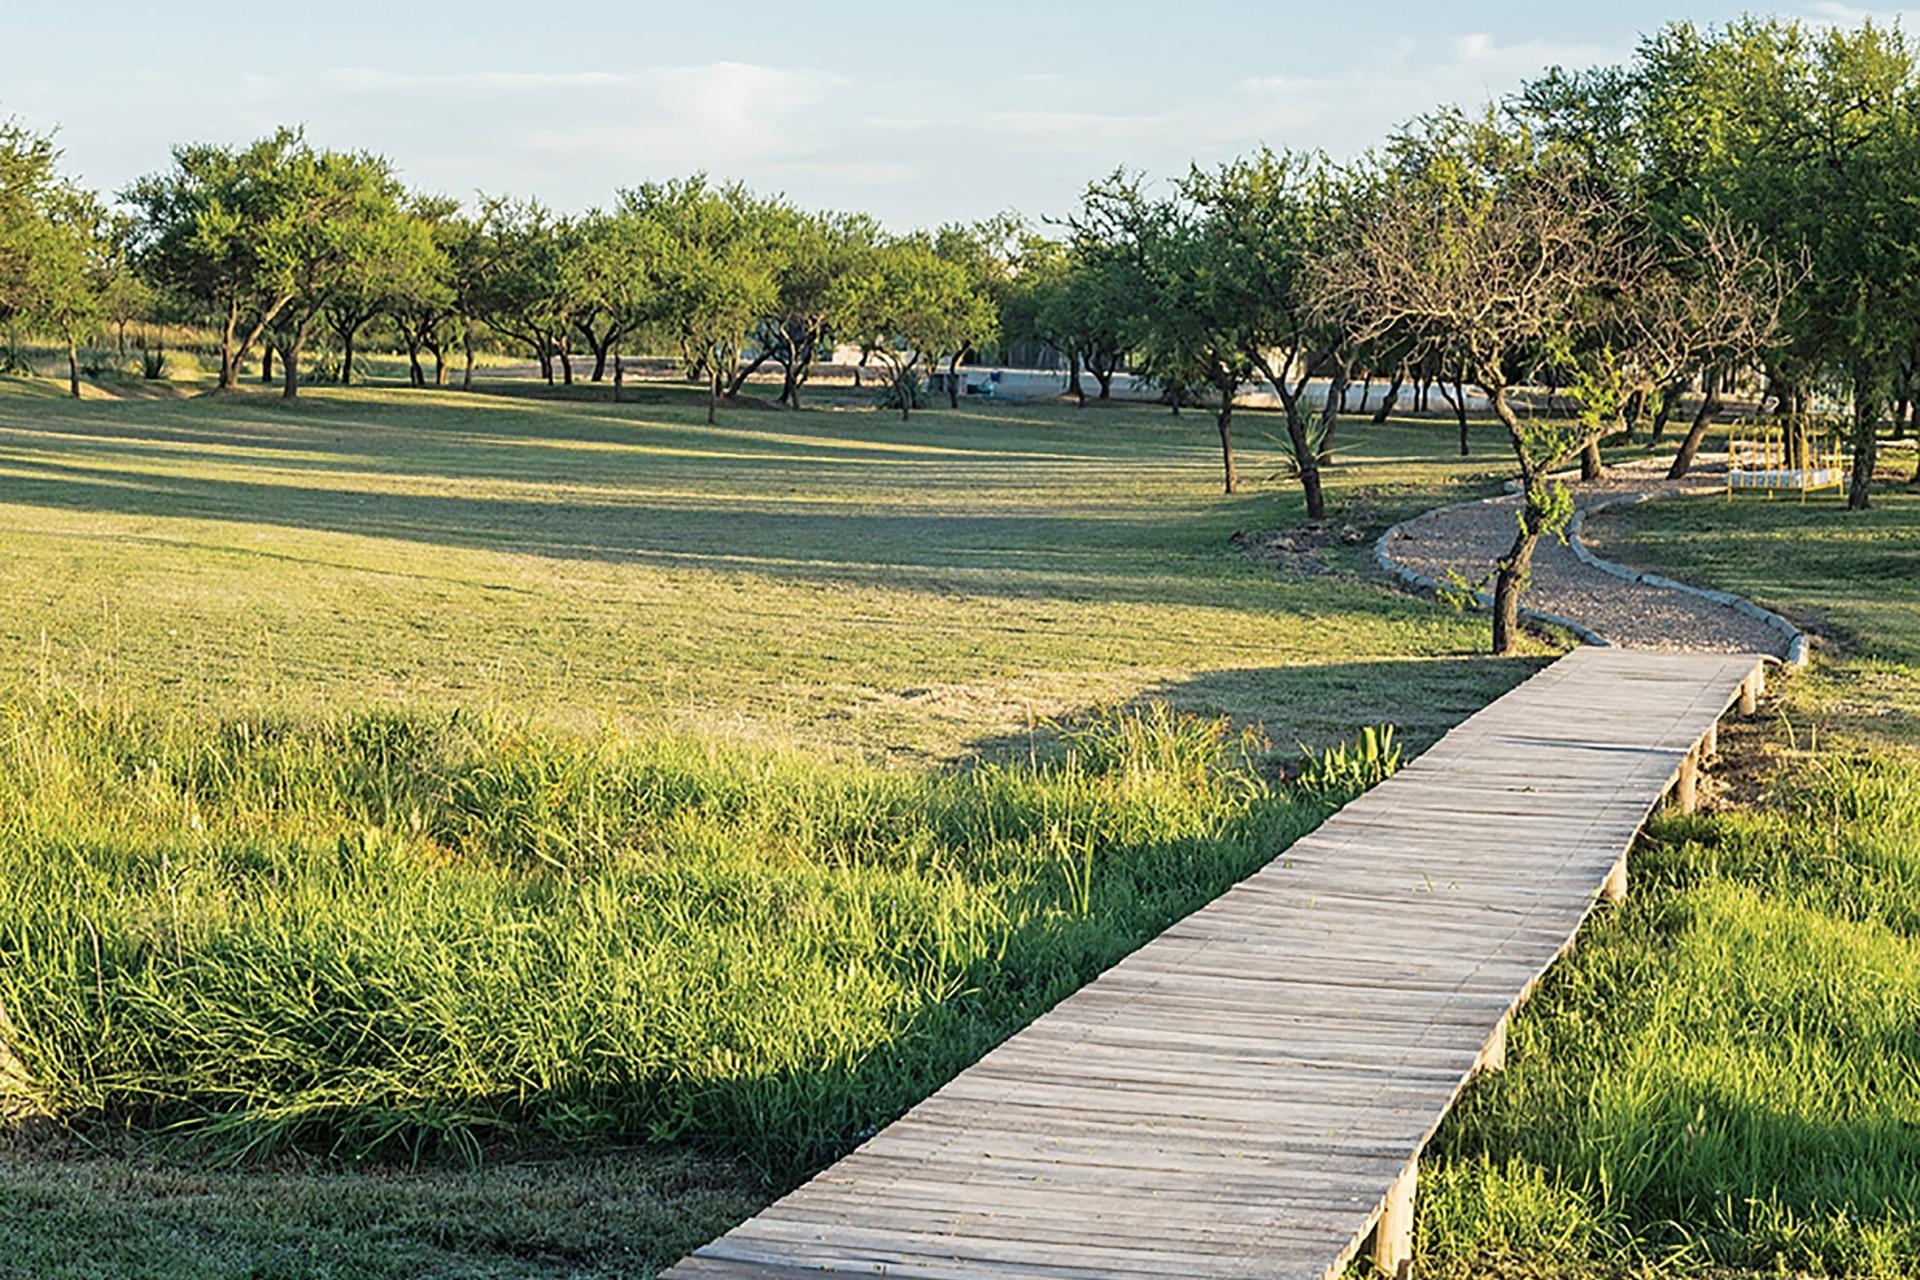 Un camino de madera se despliega para disfrutar del campo.